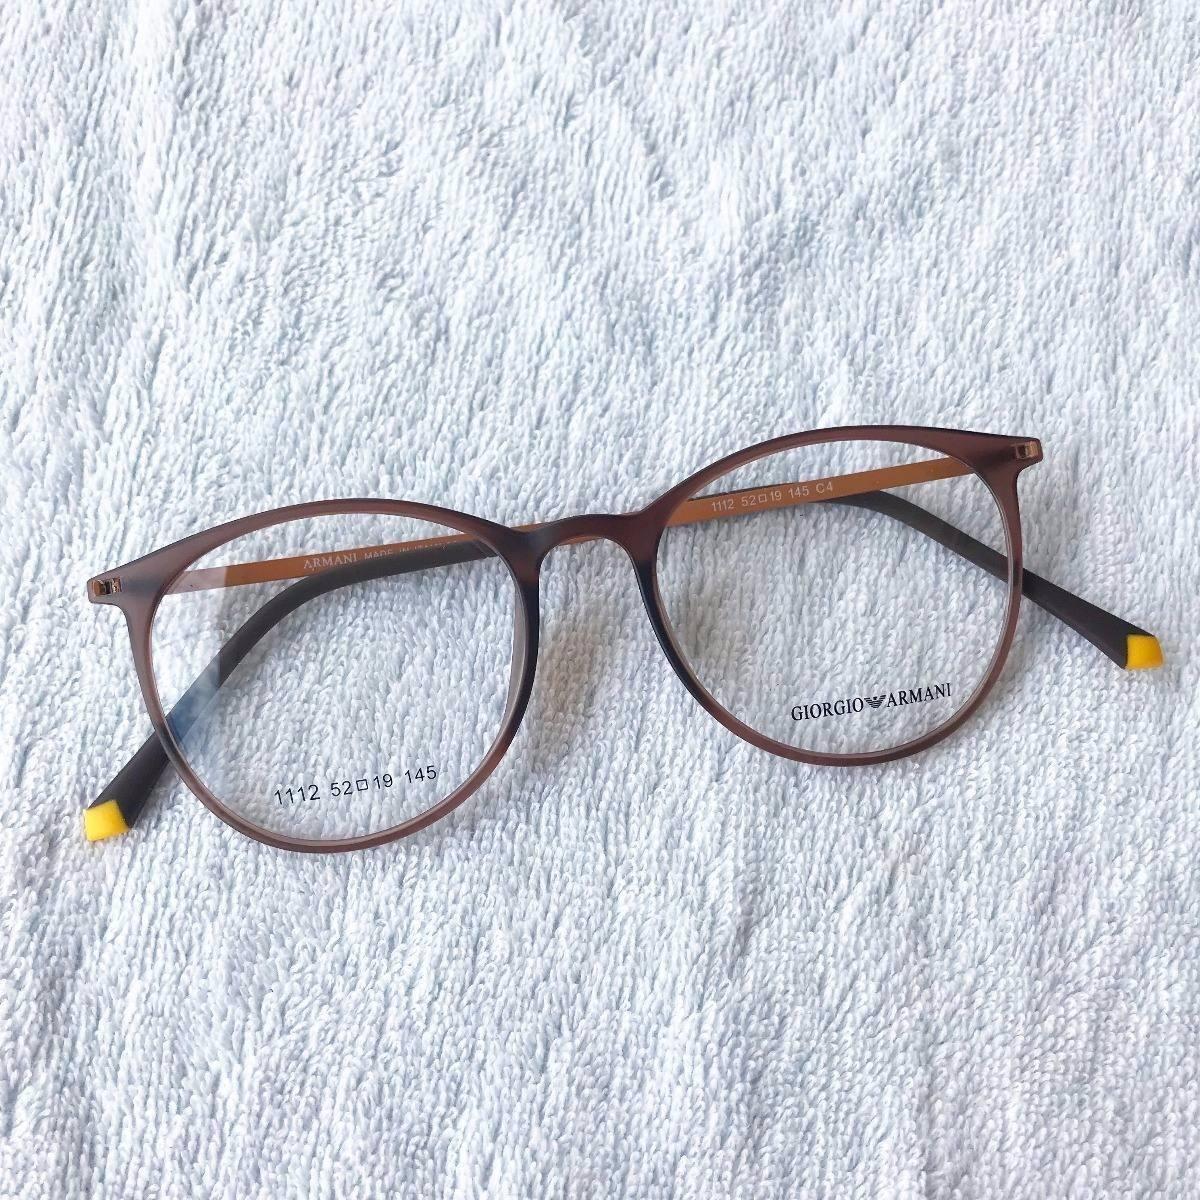 501270ed8 Armação Óculos Armani Gatinho Redondo Titânio Marrom - R$ 120,00 em ...